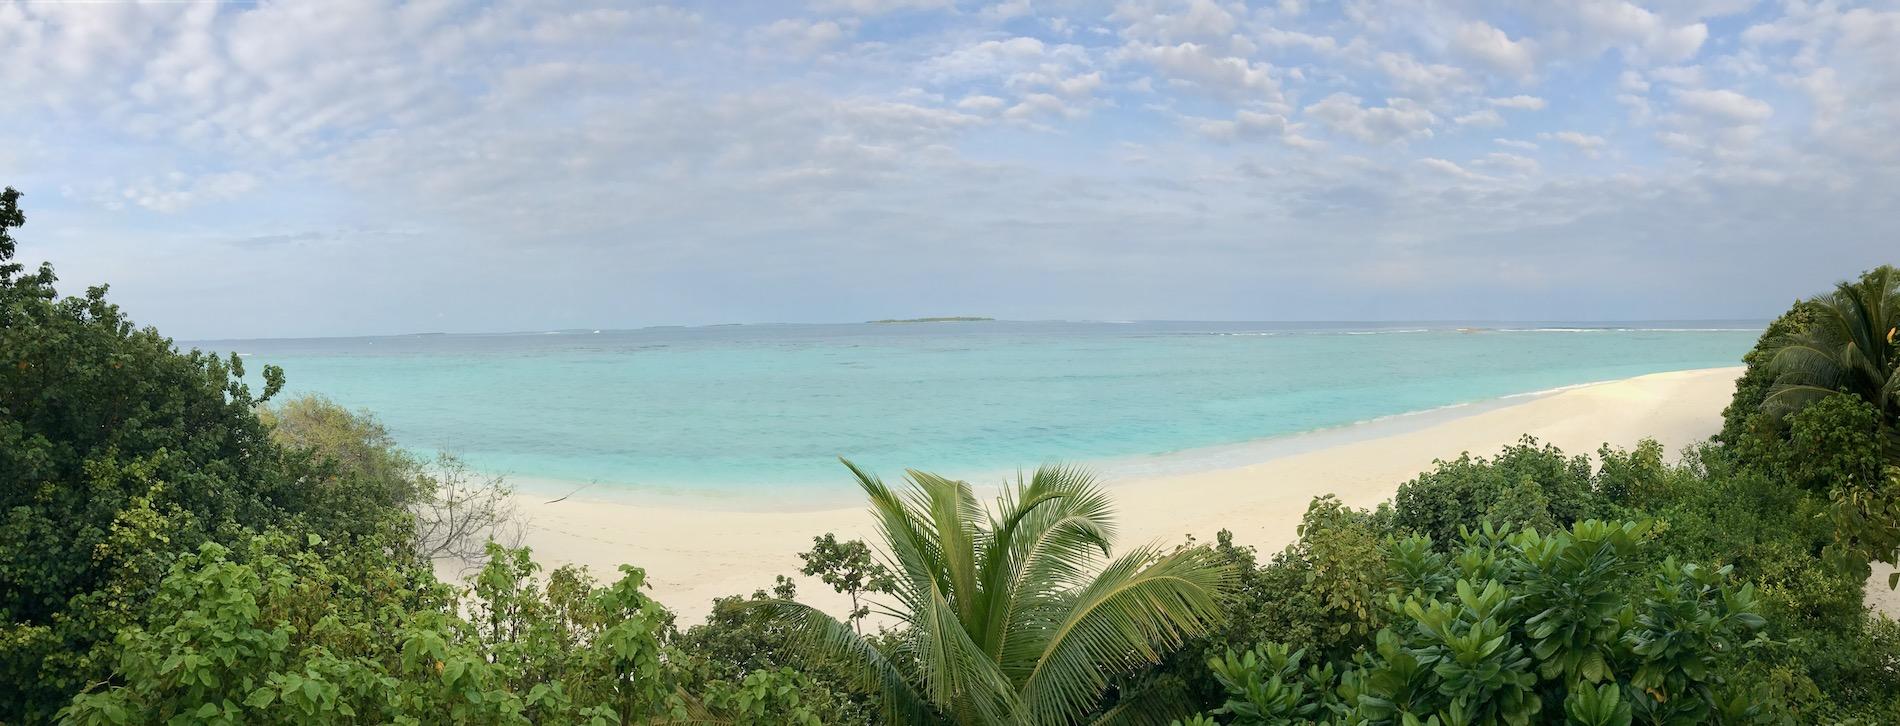 Tu isla privada en Maldivas